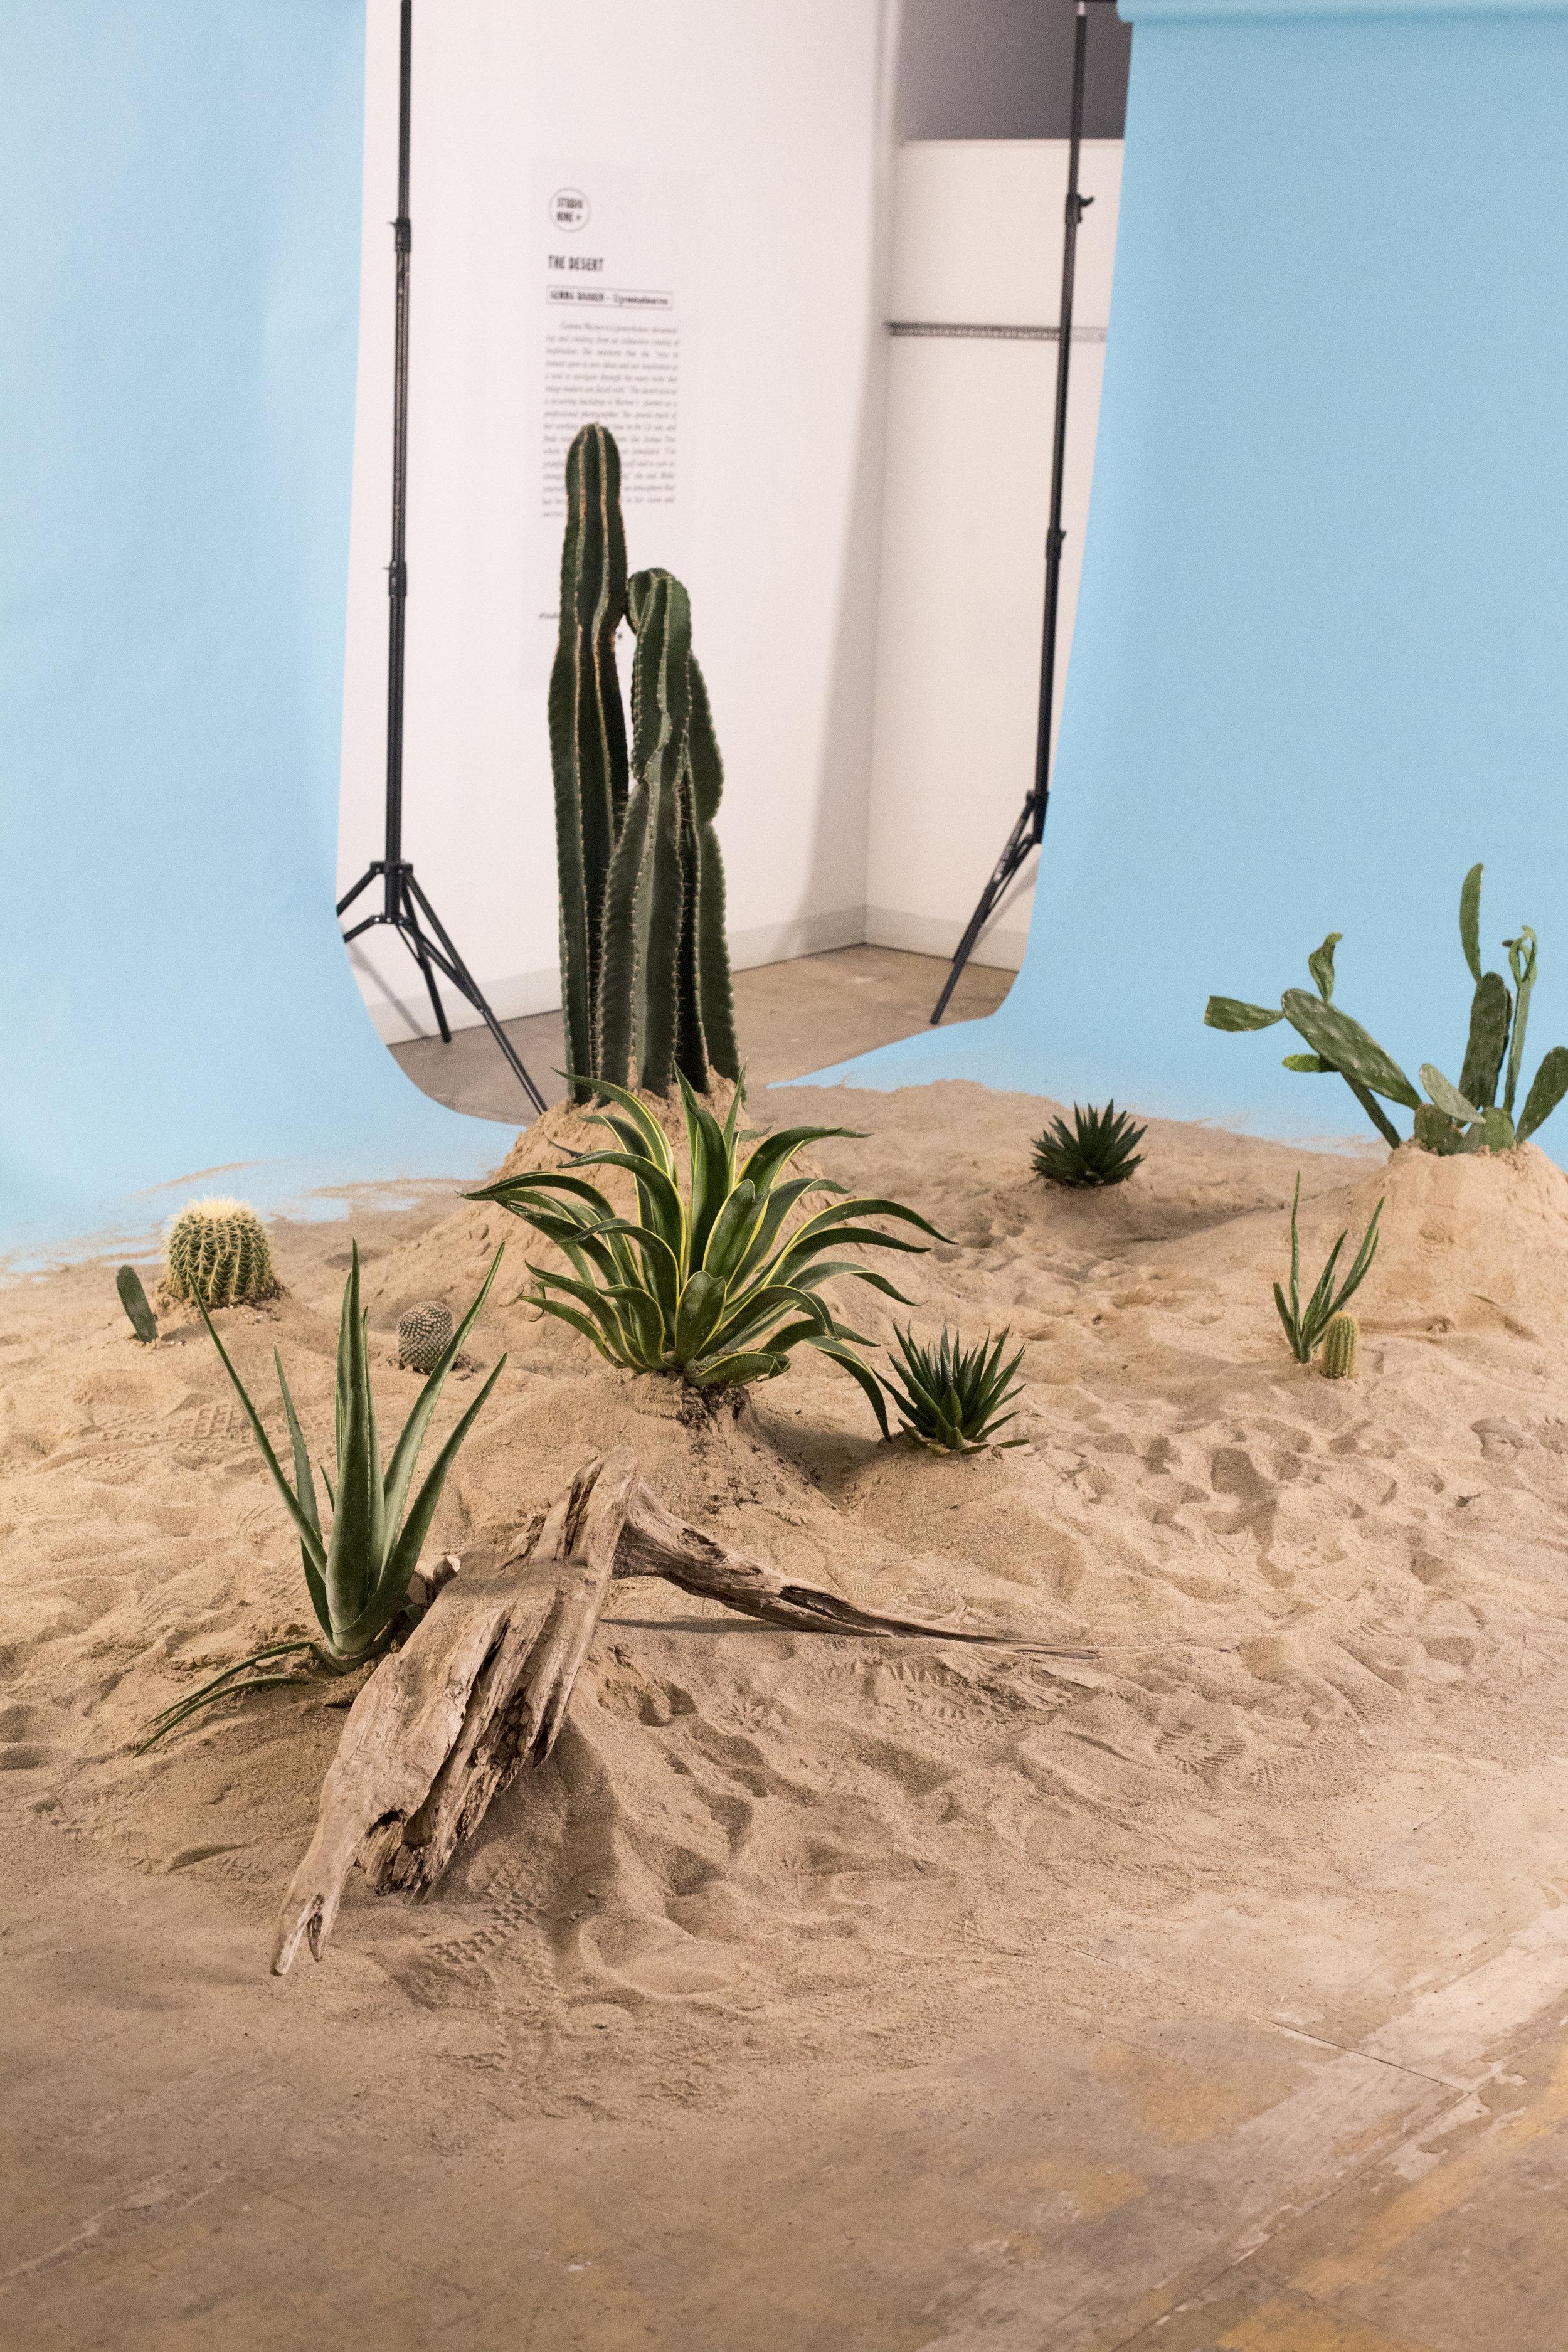 Installation inspired by Gemma Warren